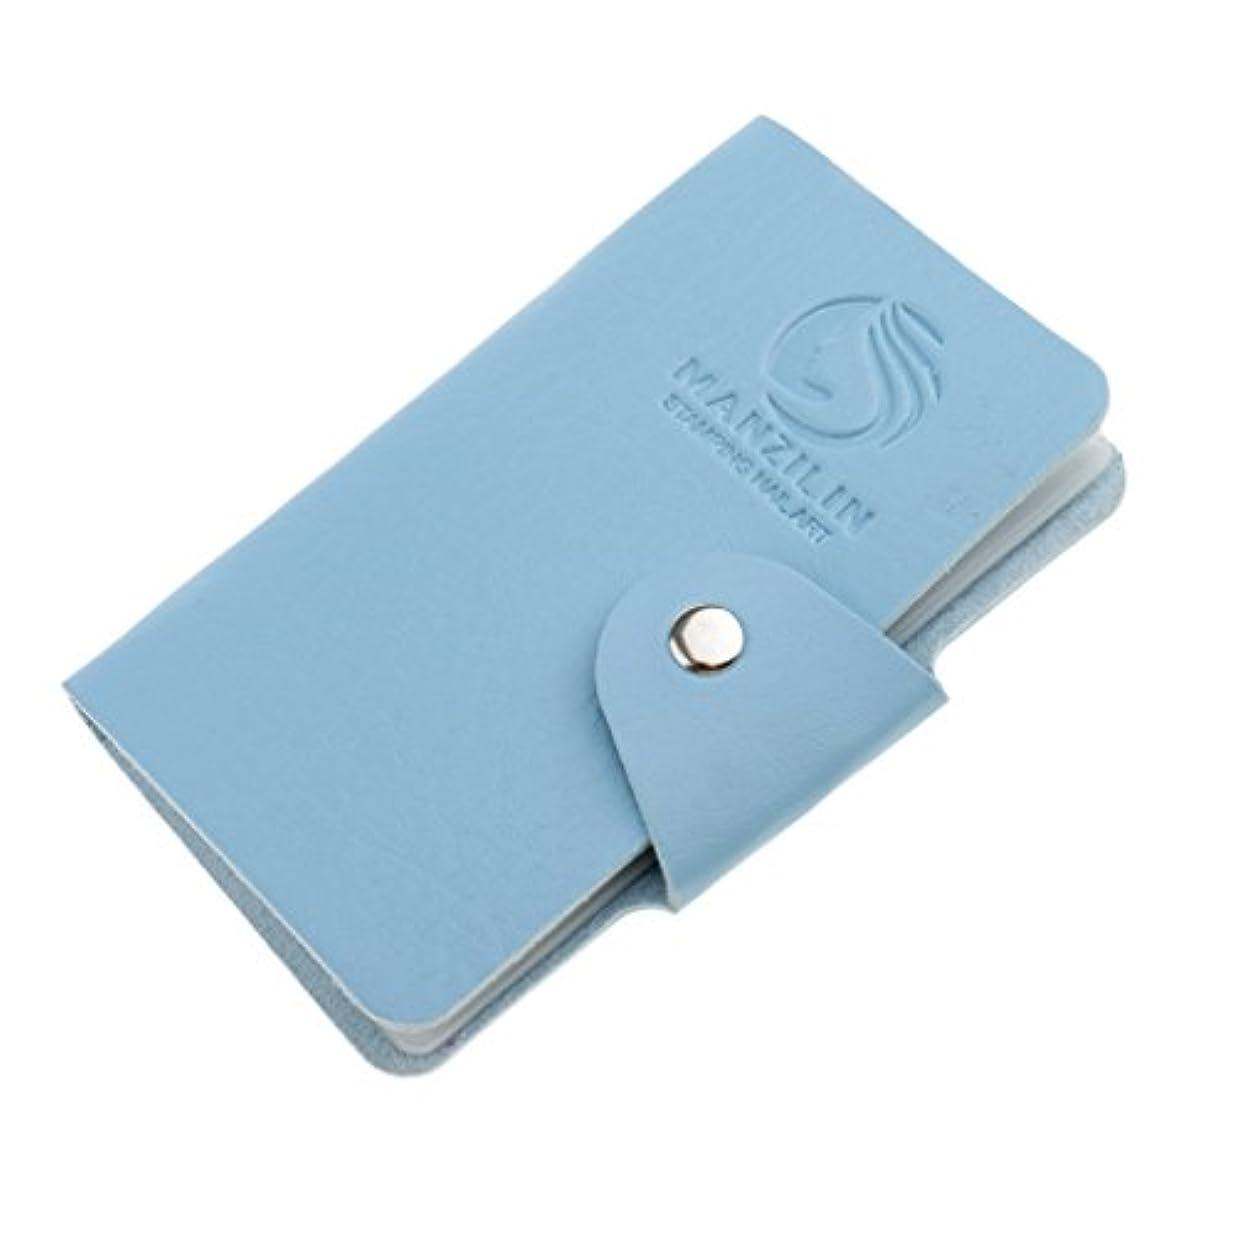 怠感メロンけがをするオーガナイザーケース バッグ プレートスタンパーバッグ 24スロット ネイルアート ホルダー 収納 5色選べ - 青, 説明したように